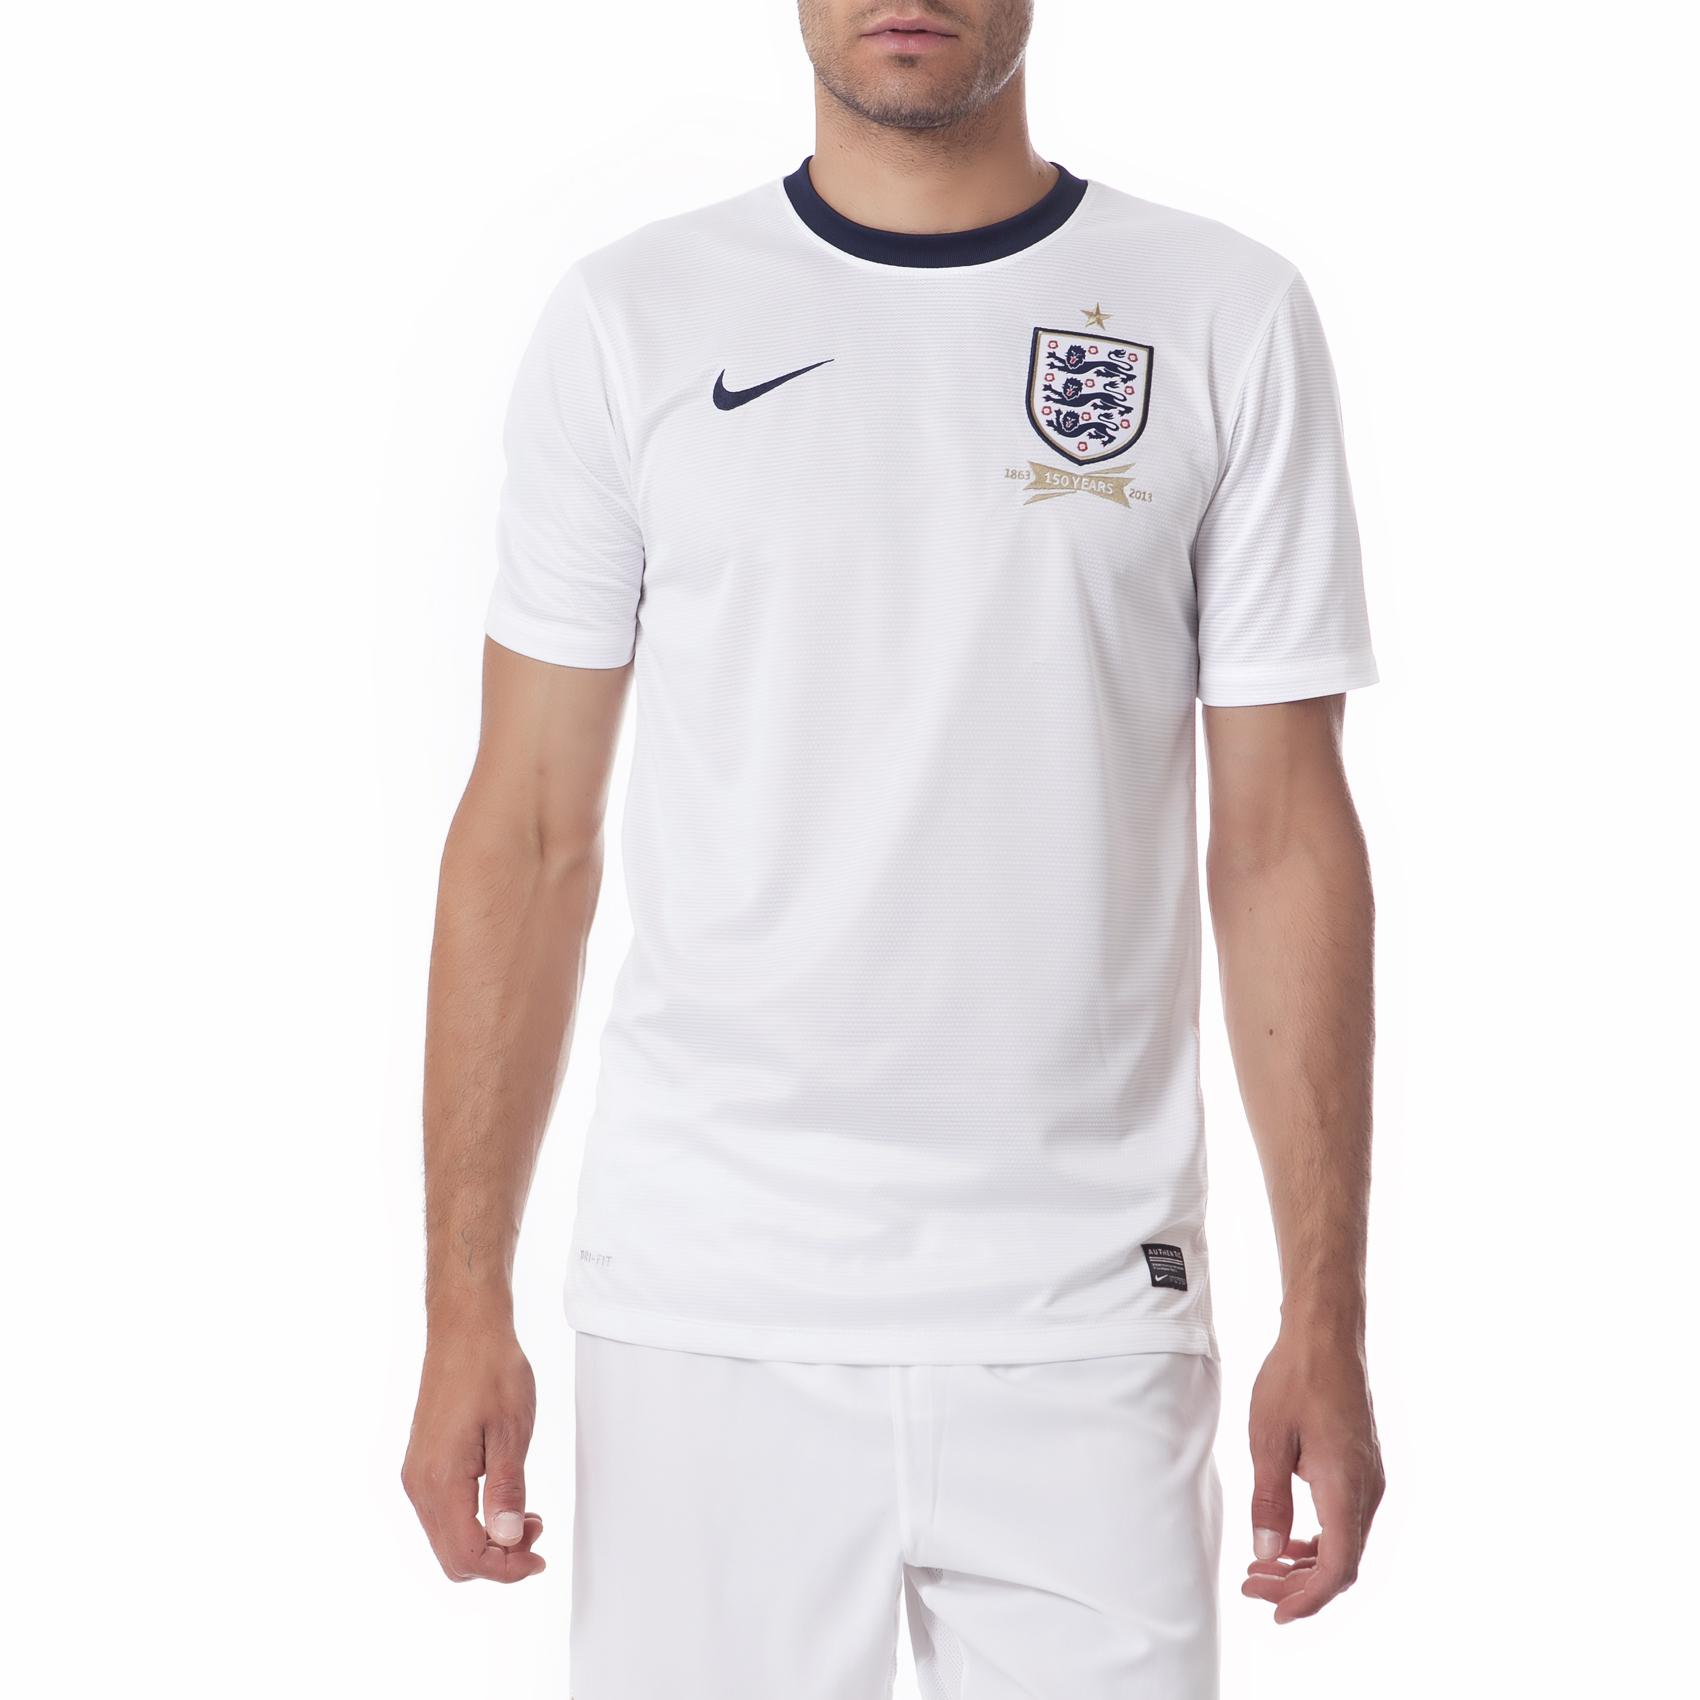 NIKE - Ανδρική μπλούζα Nike ENT SS HOME REPL JSY λευκή